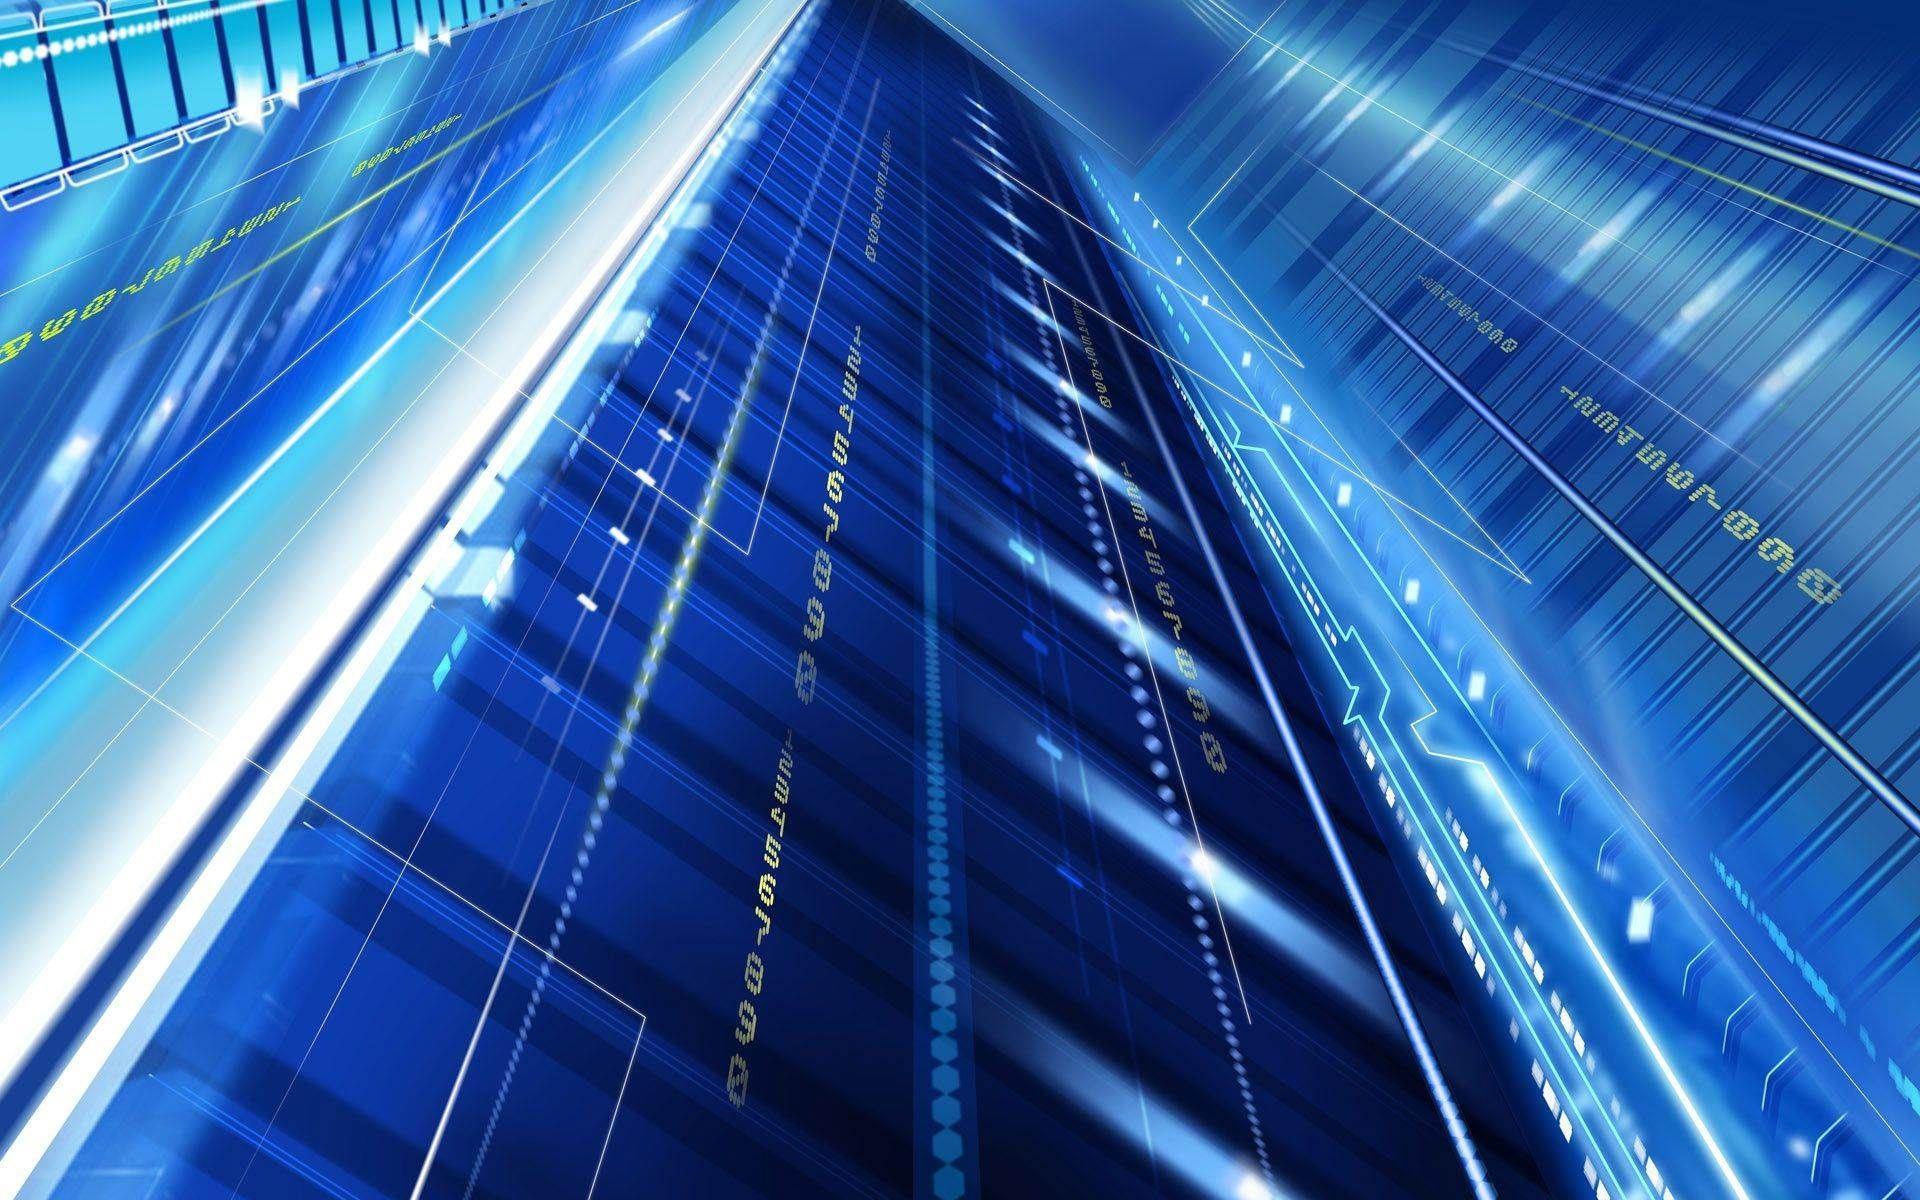 Hình nền công nghệ data